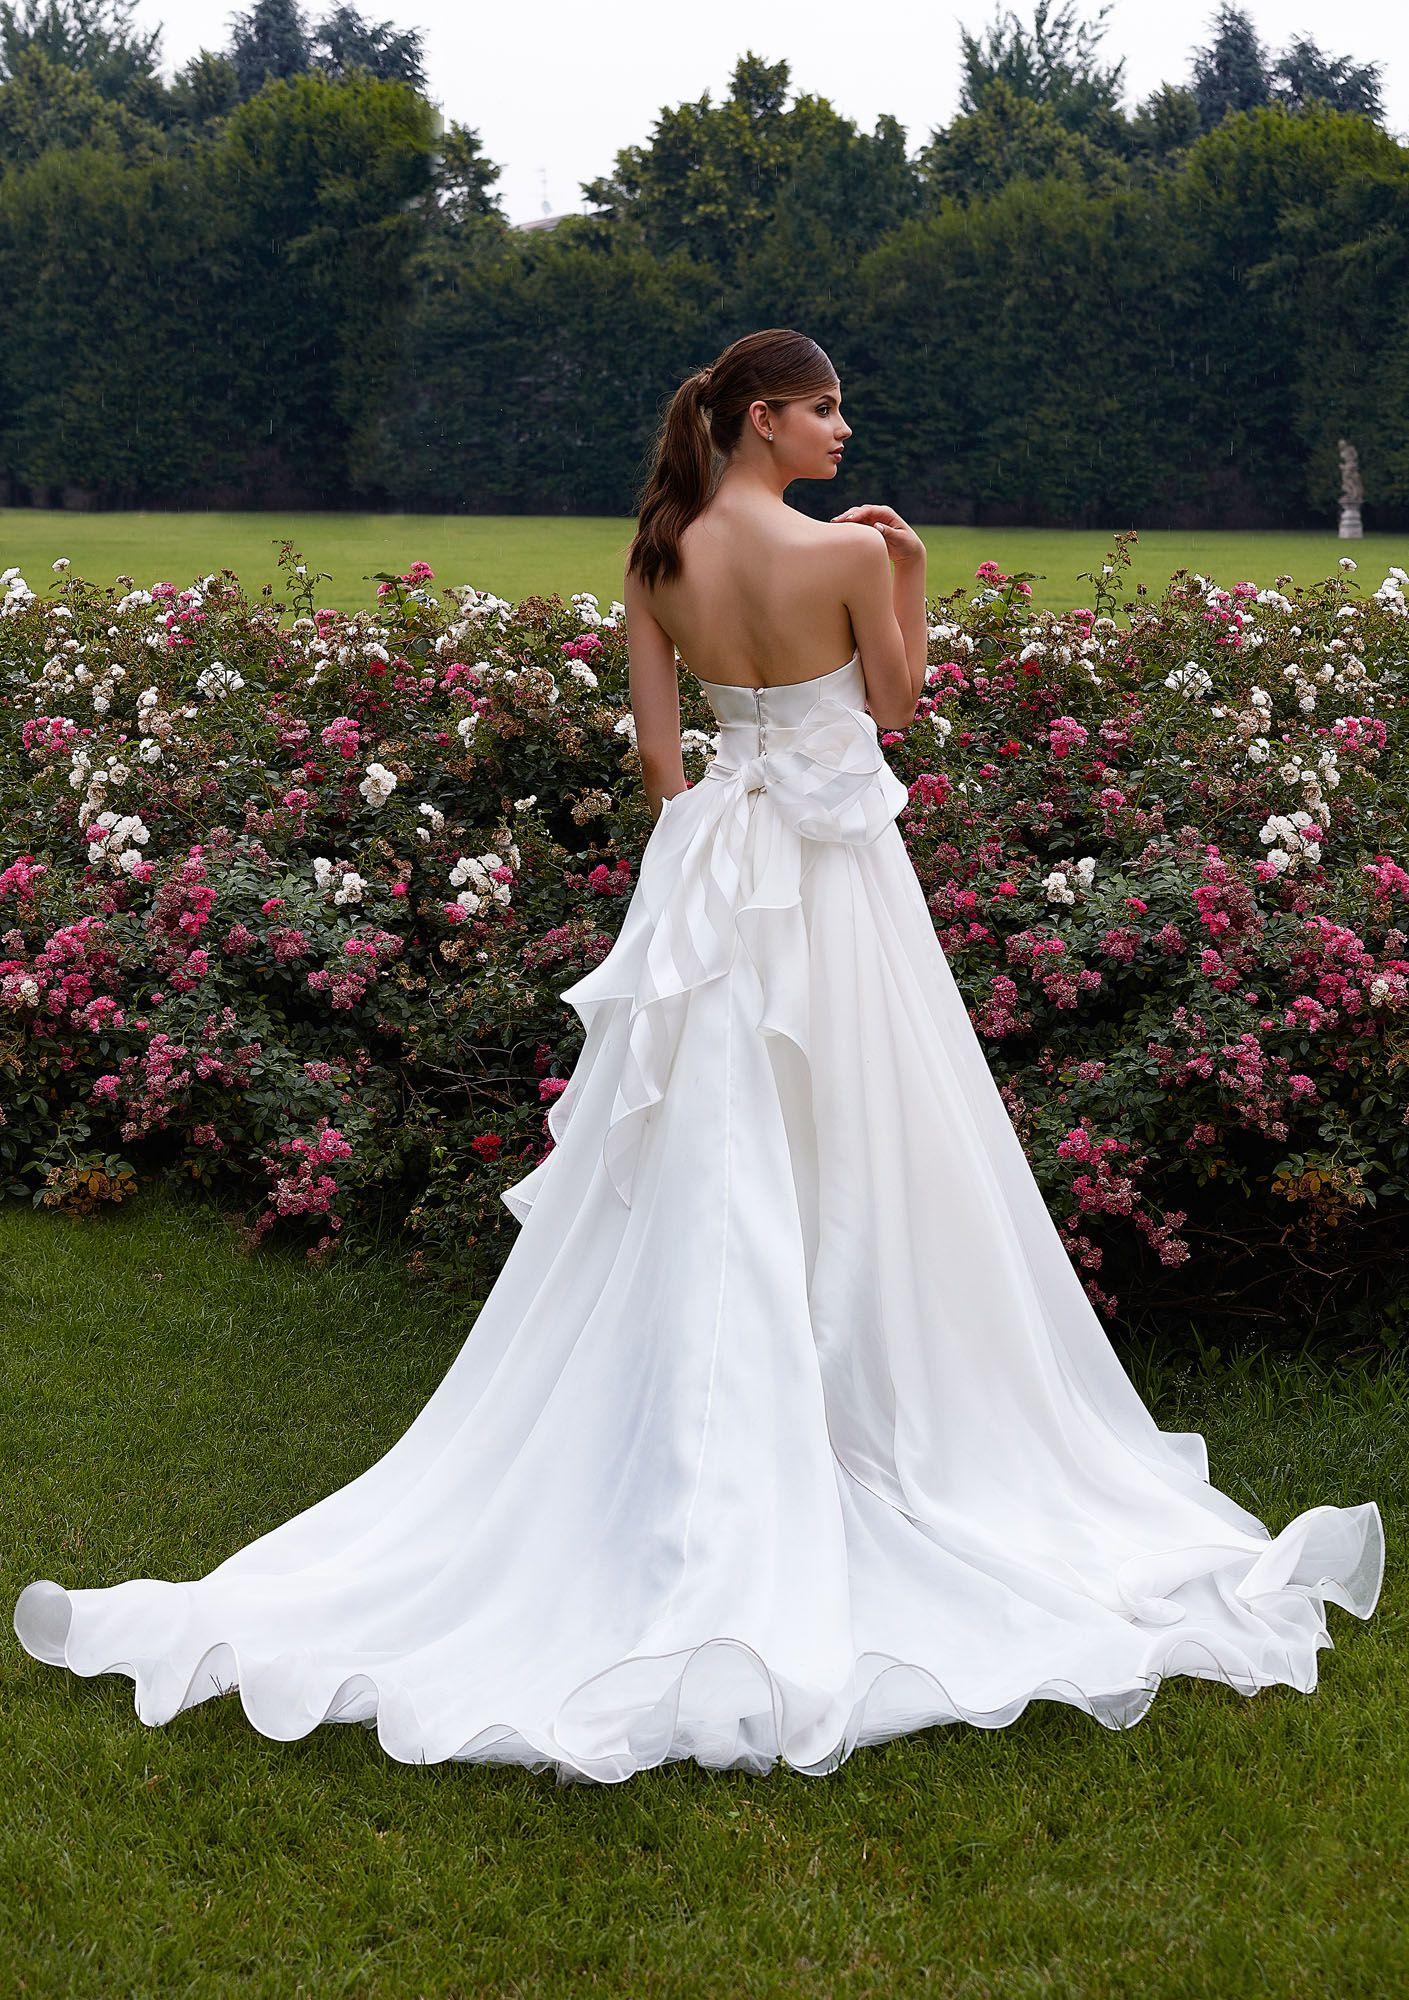 56c8b2f1f11a MODELLO 1818 Abito da sposa in organza di seta pura con fiocco haute  couture in con